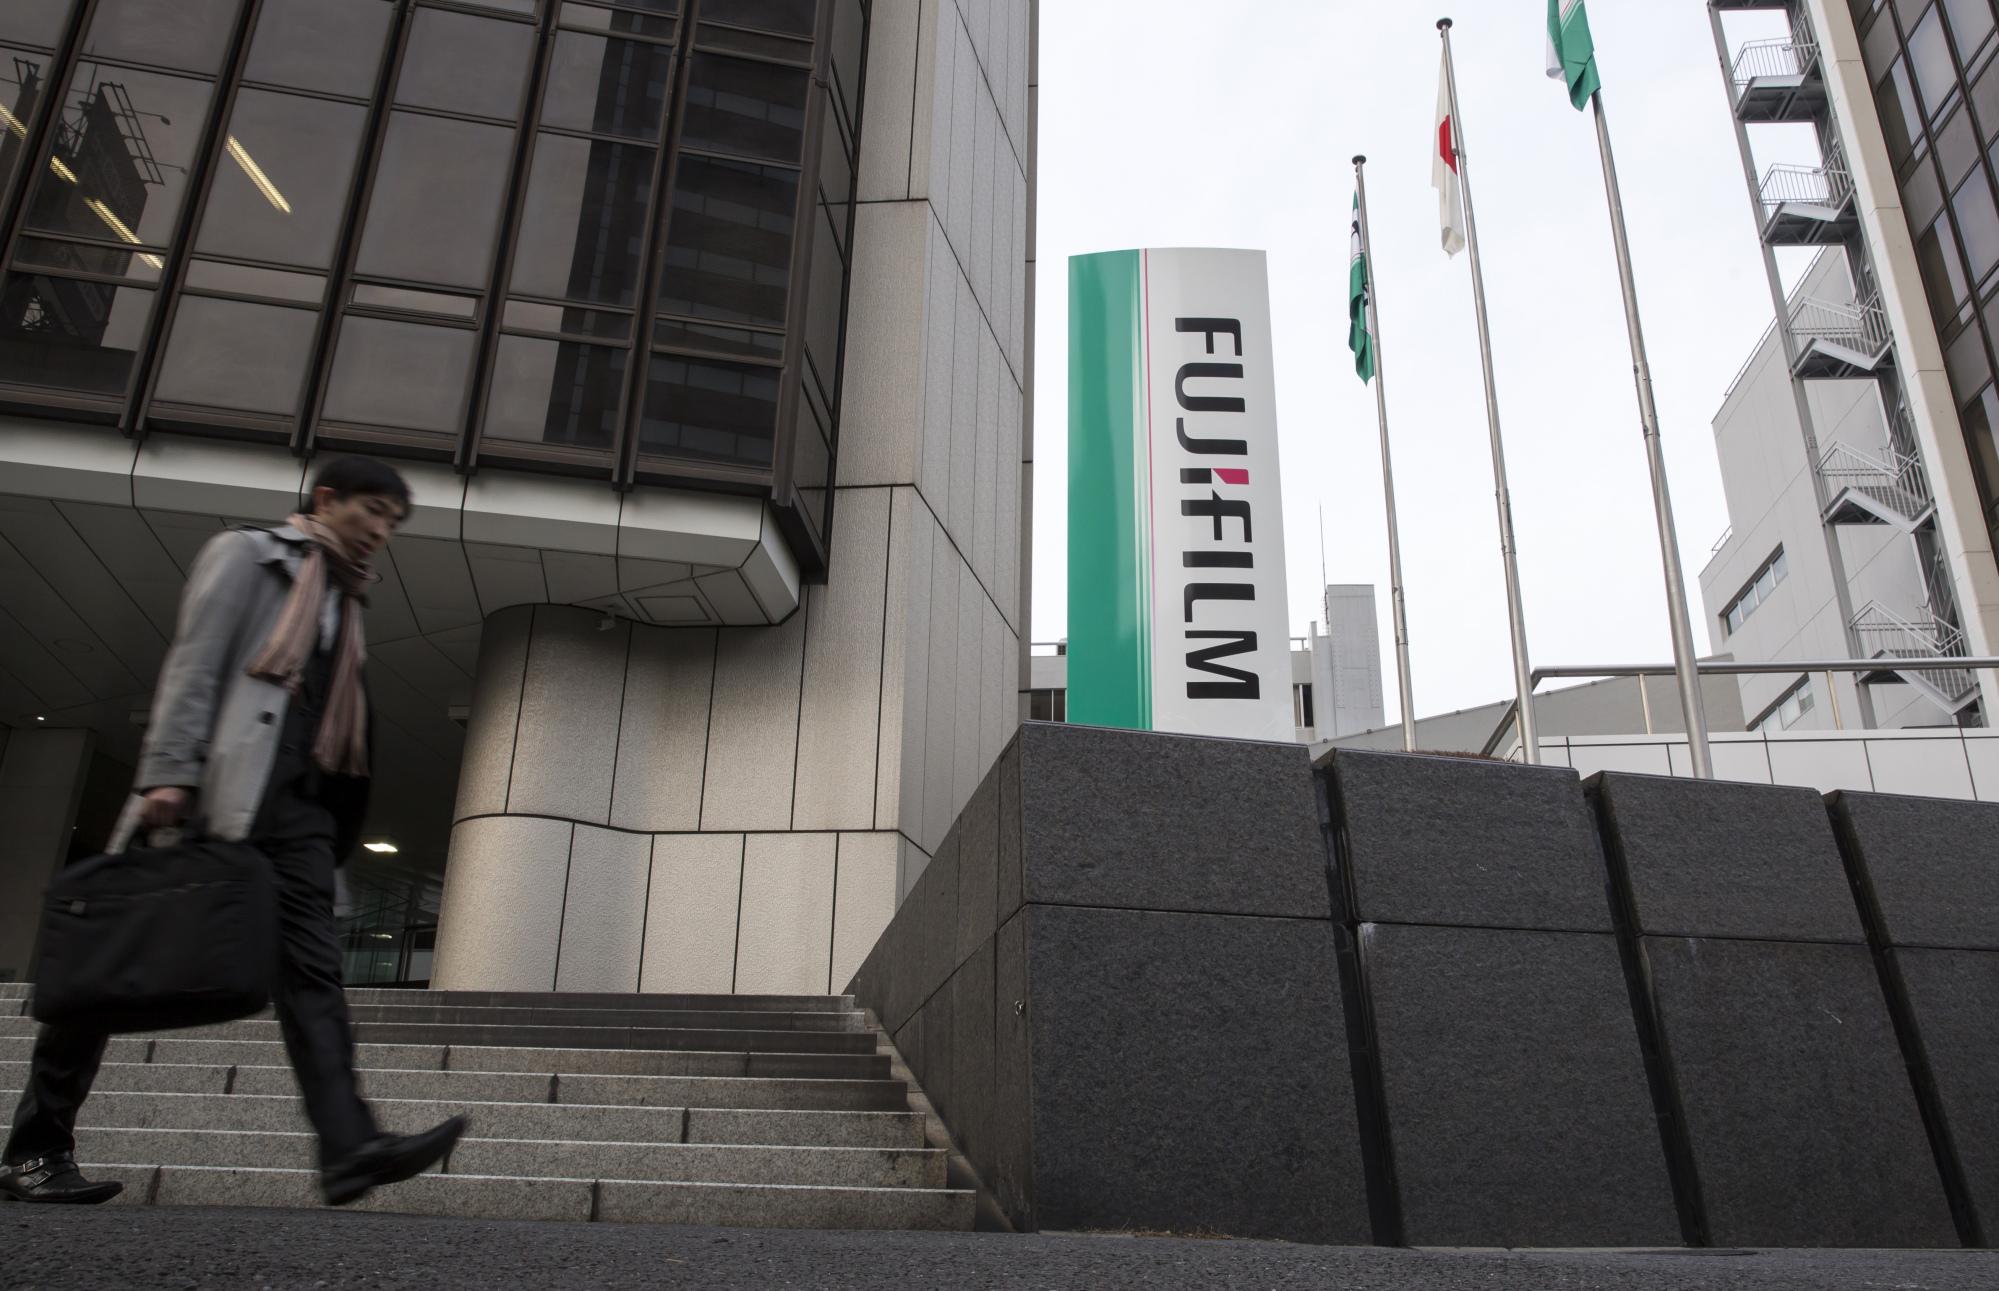 Fujifilm Sues Xerox for $1 Billion Over Failed Takeover Bid